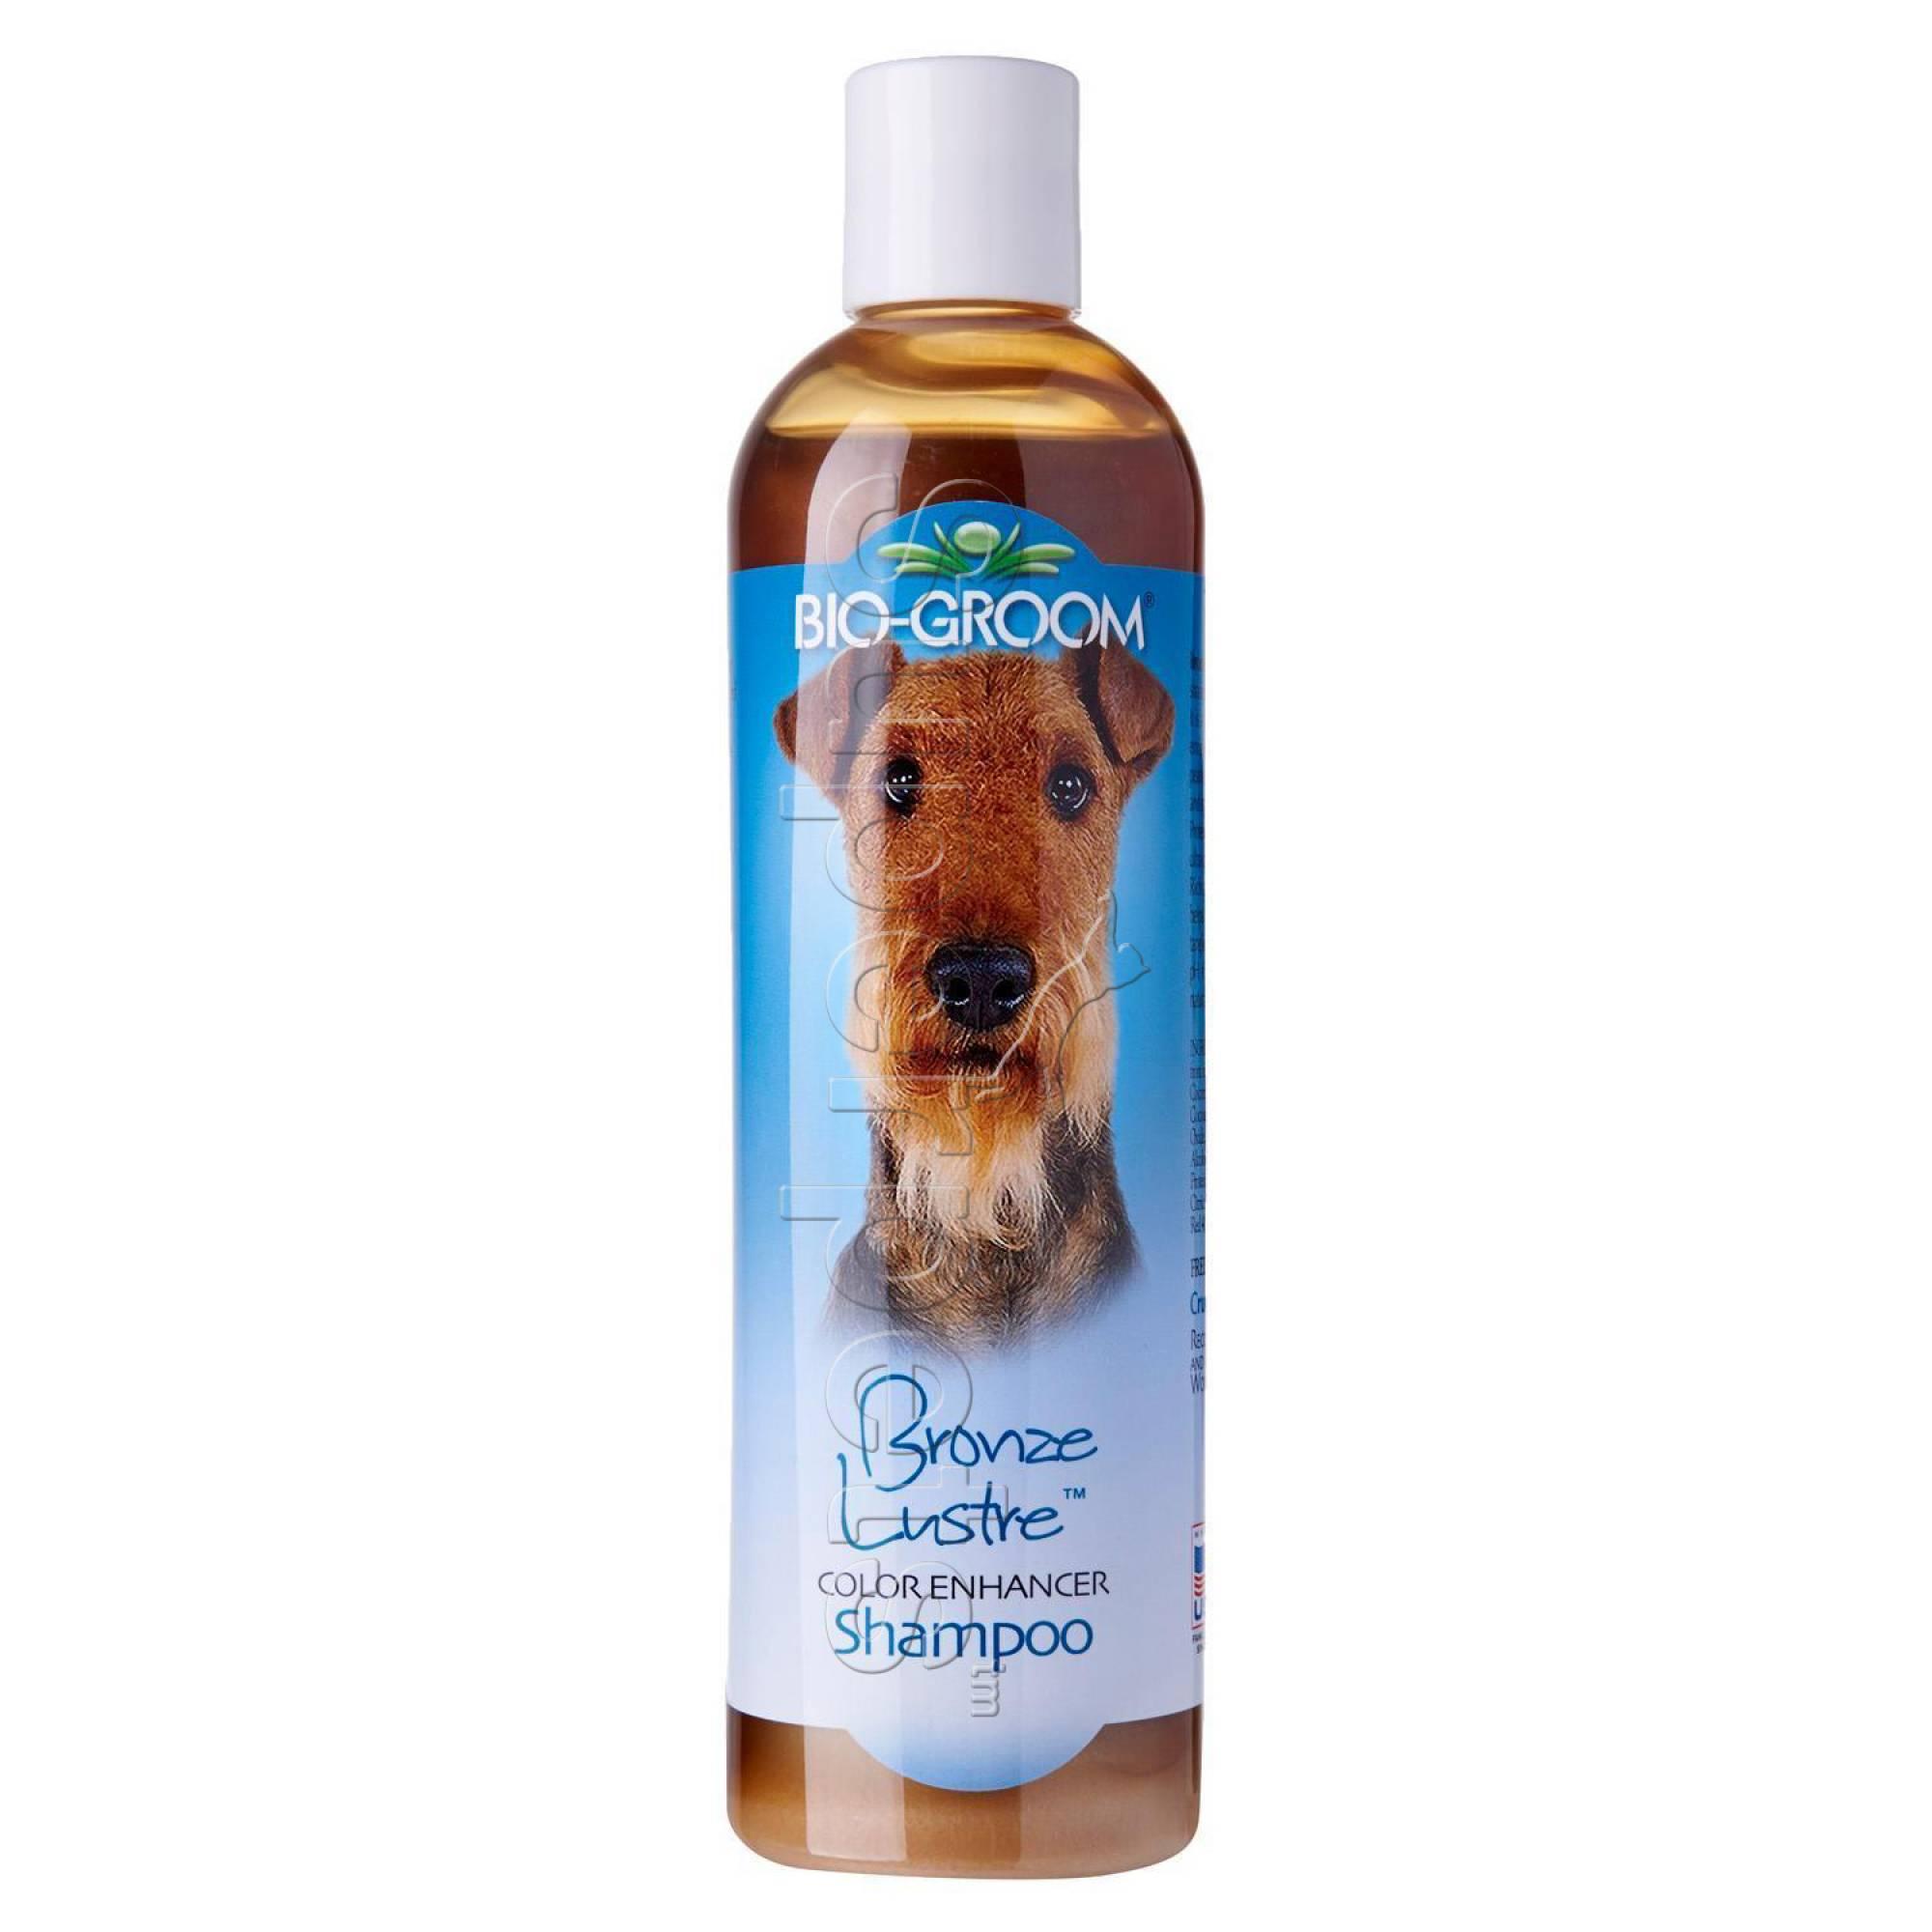 Bio-Groom Bronze Lustre Color Enhancer Shampoo 12oz (355ml)